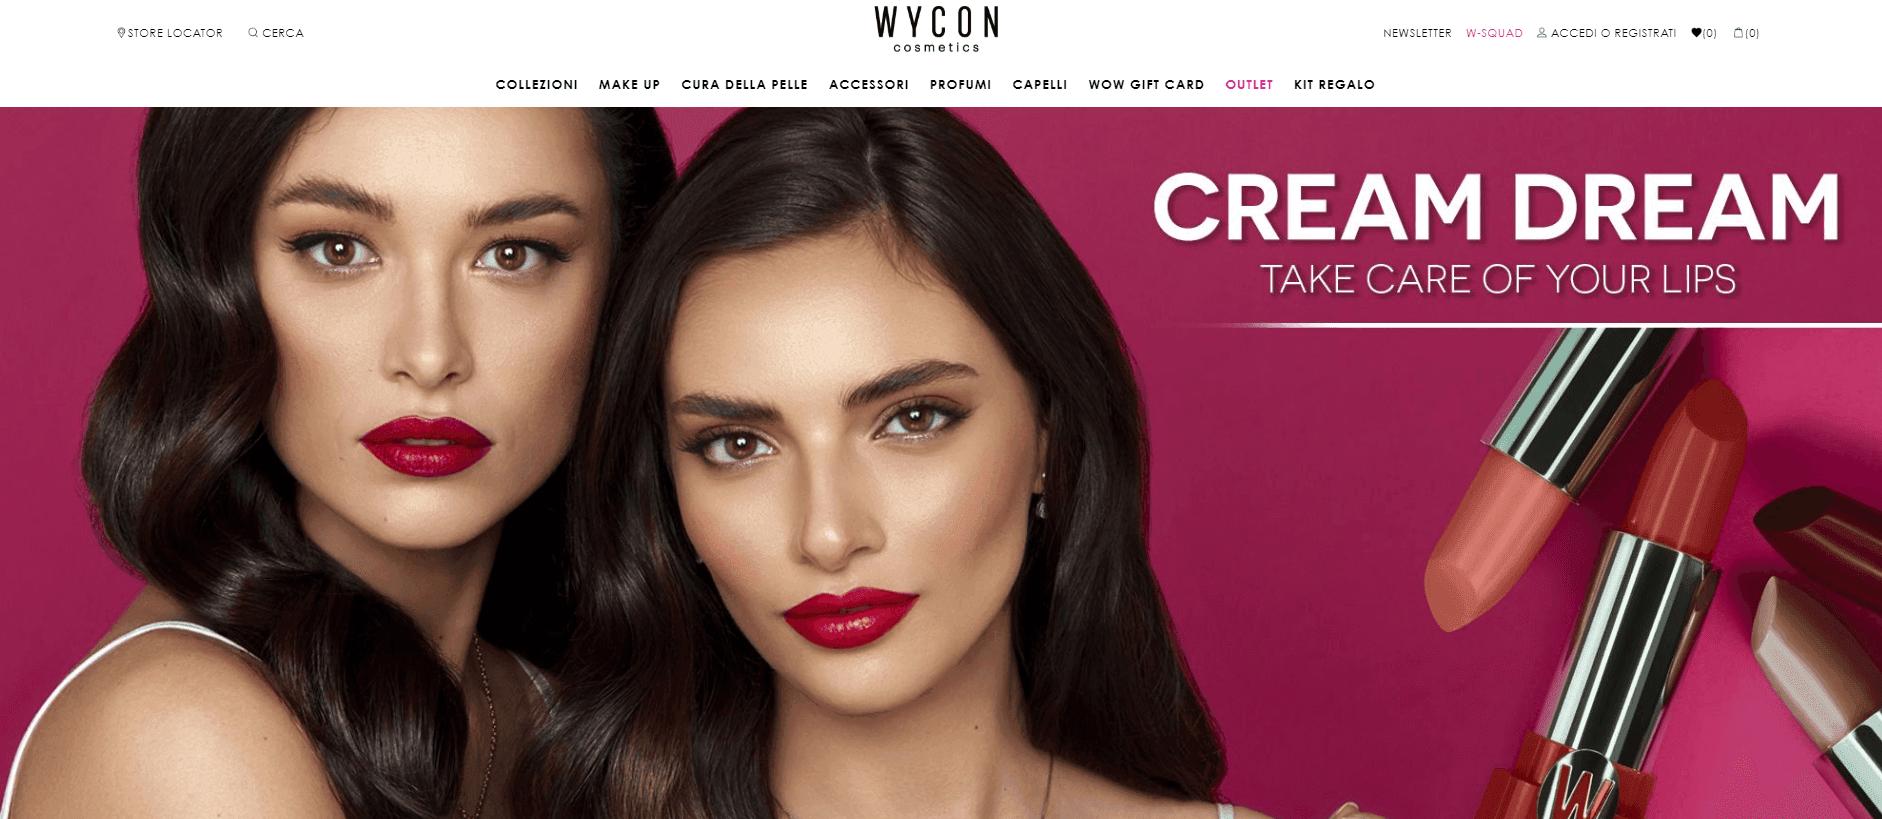 Wycon - 2